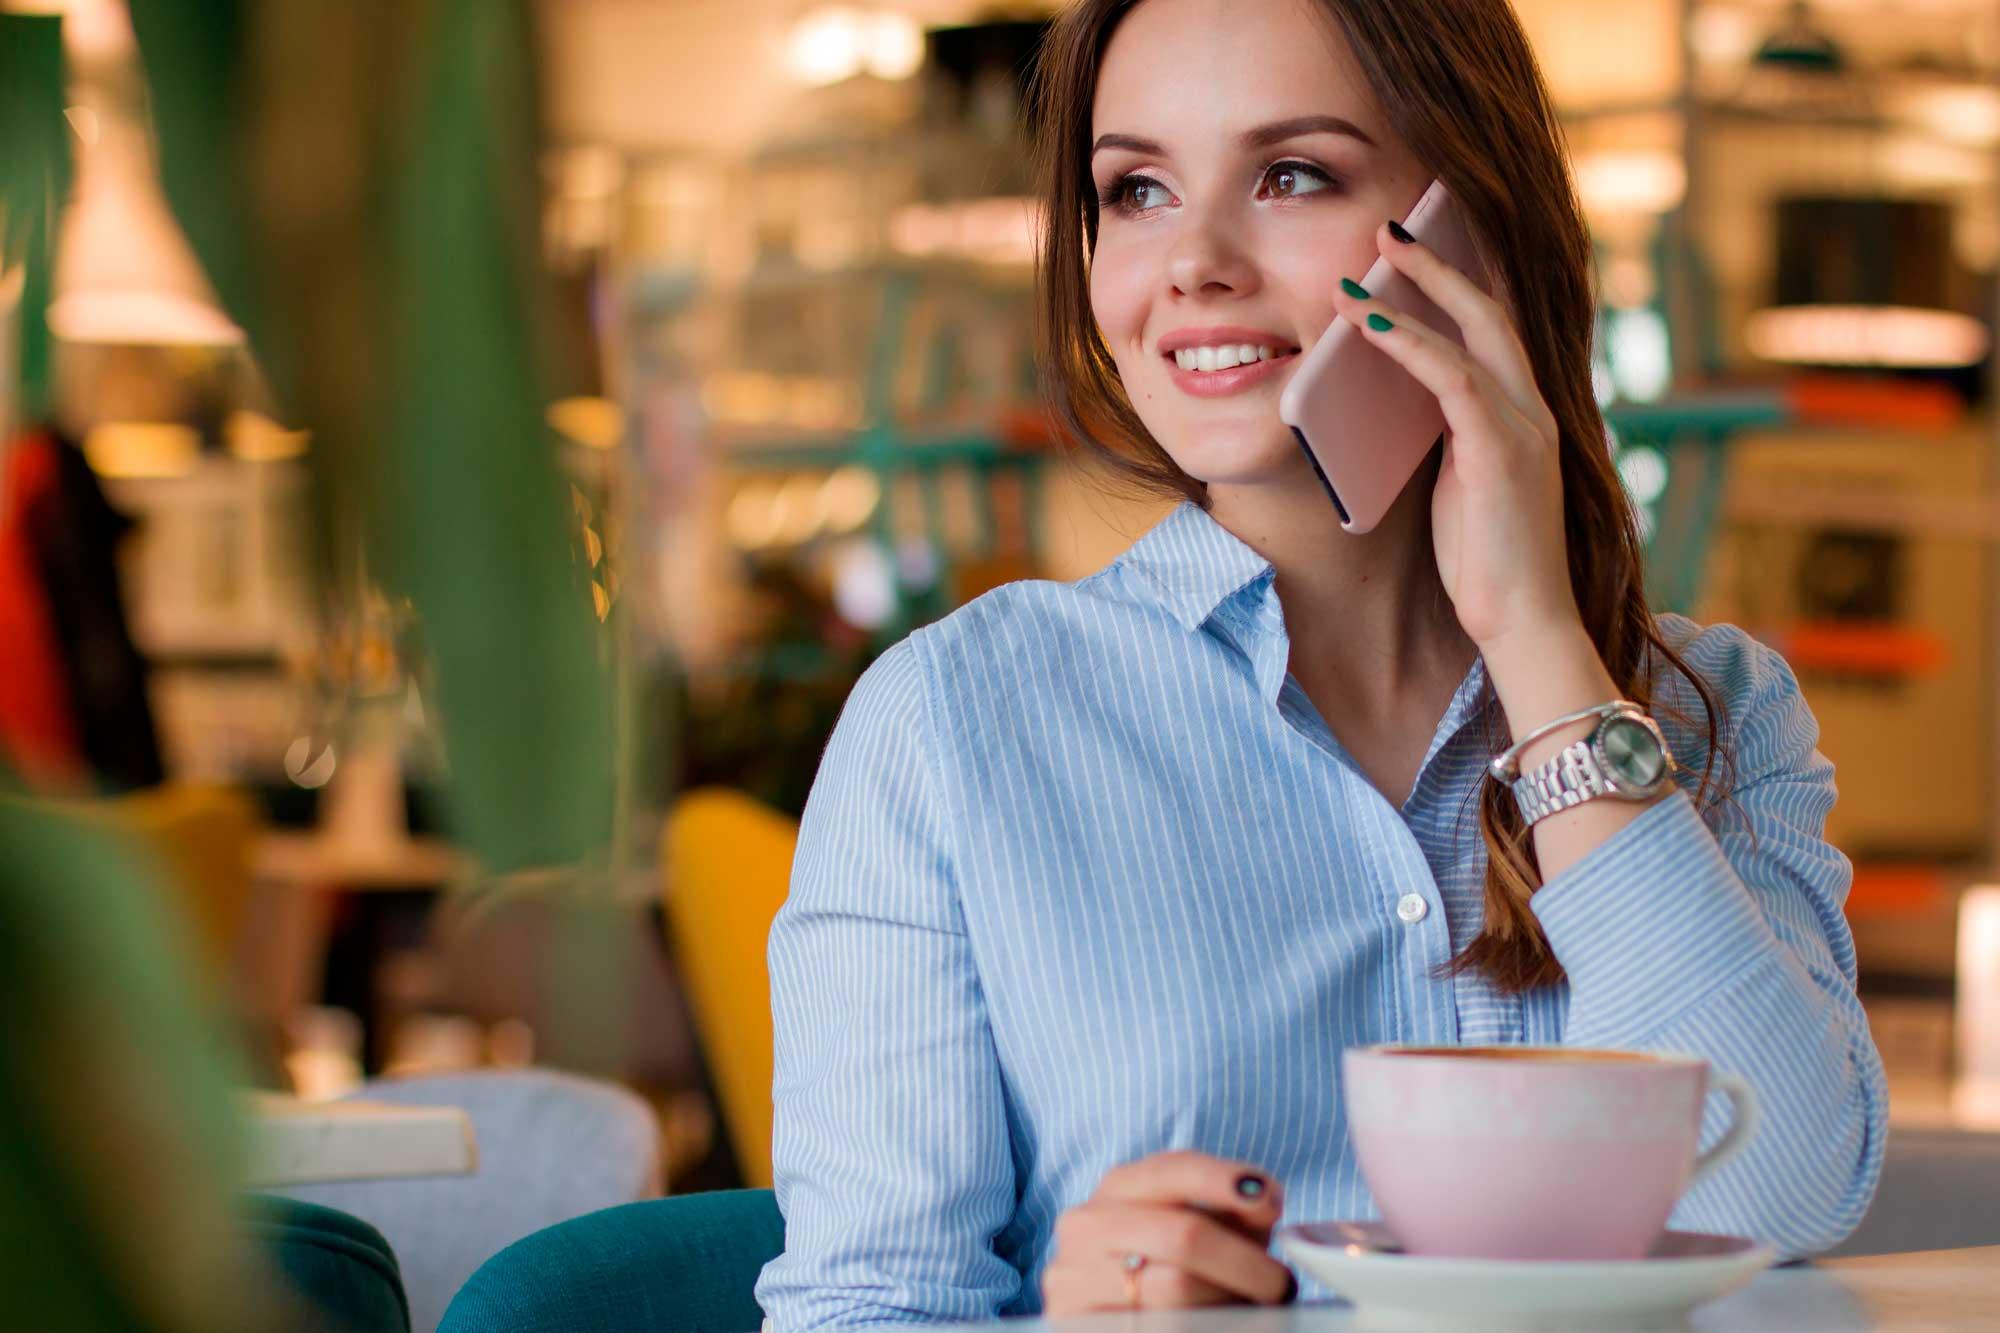 Os usuários de pacotes pré-pagos serão acionados pelas operadoras por canais como mensagem de texto, ligações ou pop ups em sites